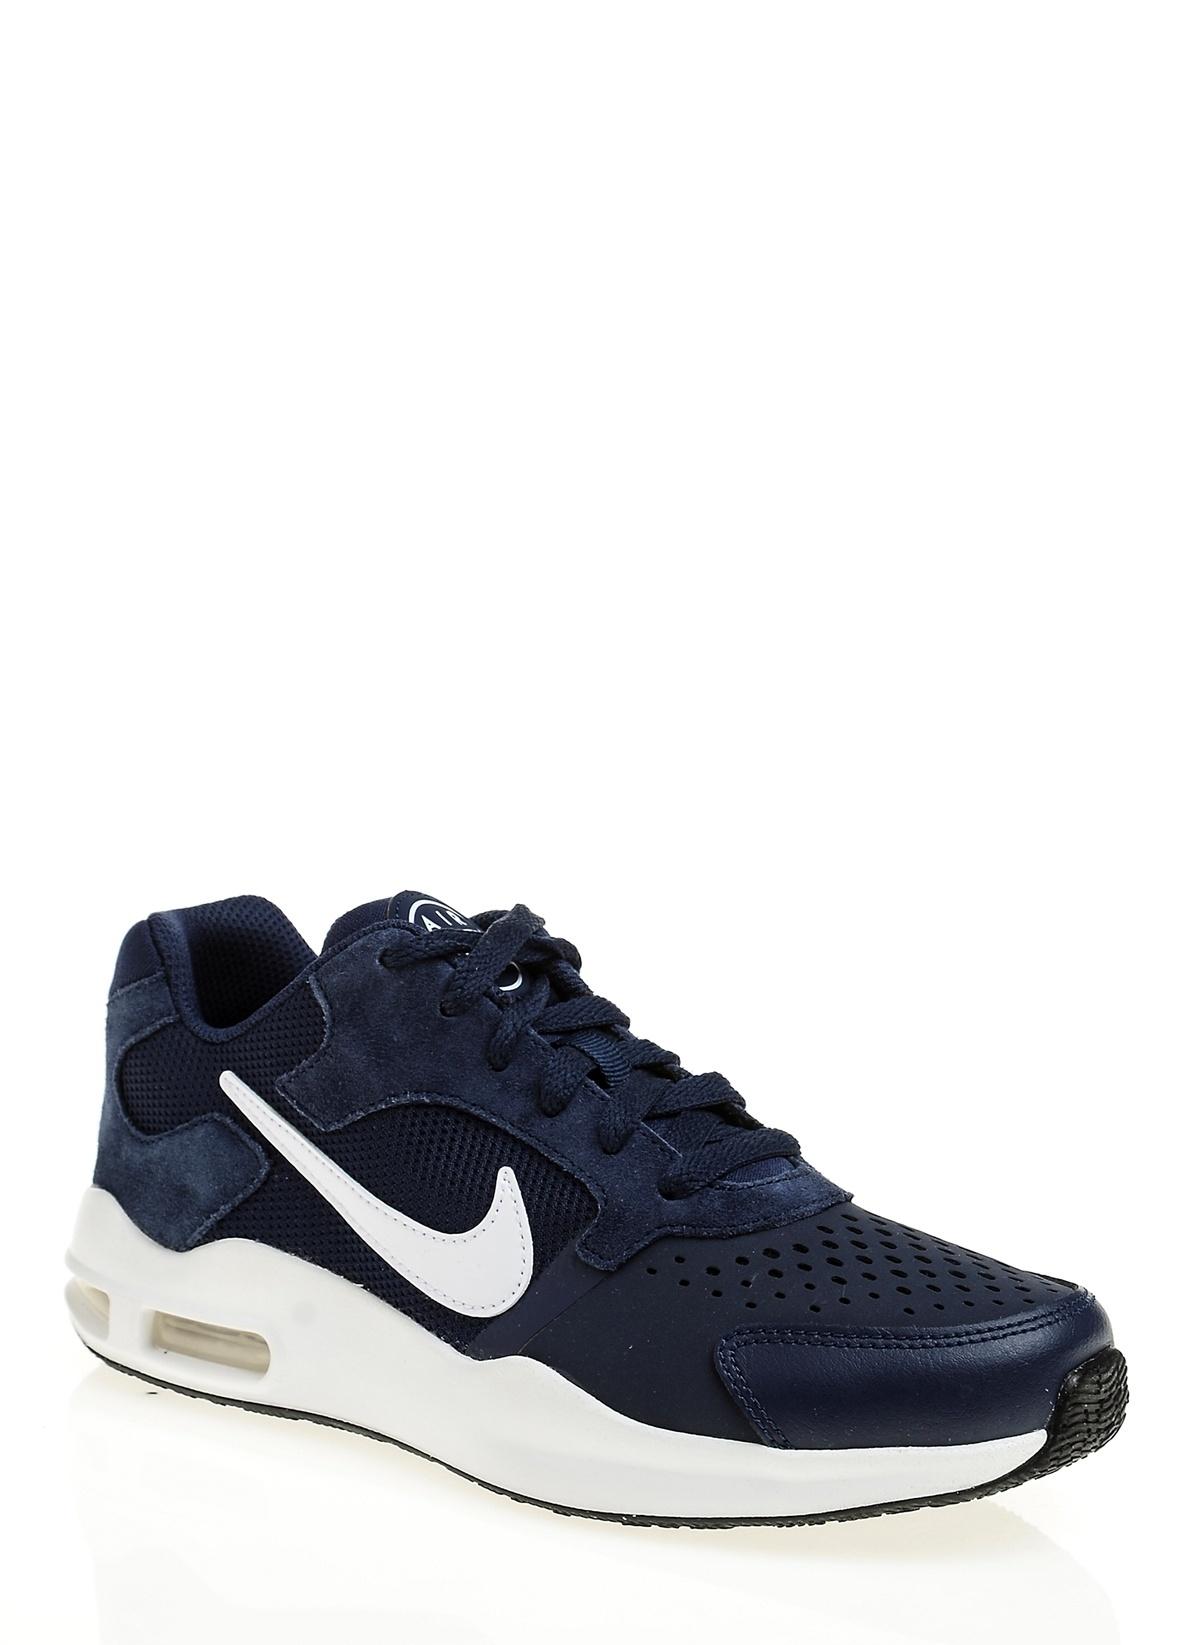 Nike Spor Giyim Sonbahar Kış Koleksiyonu